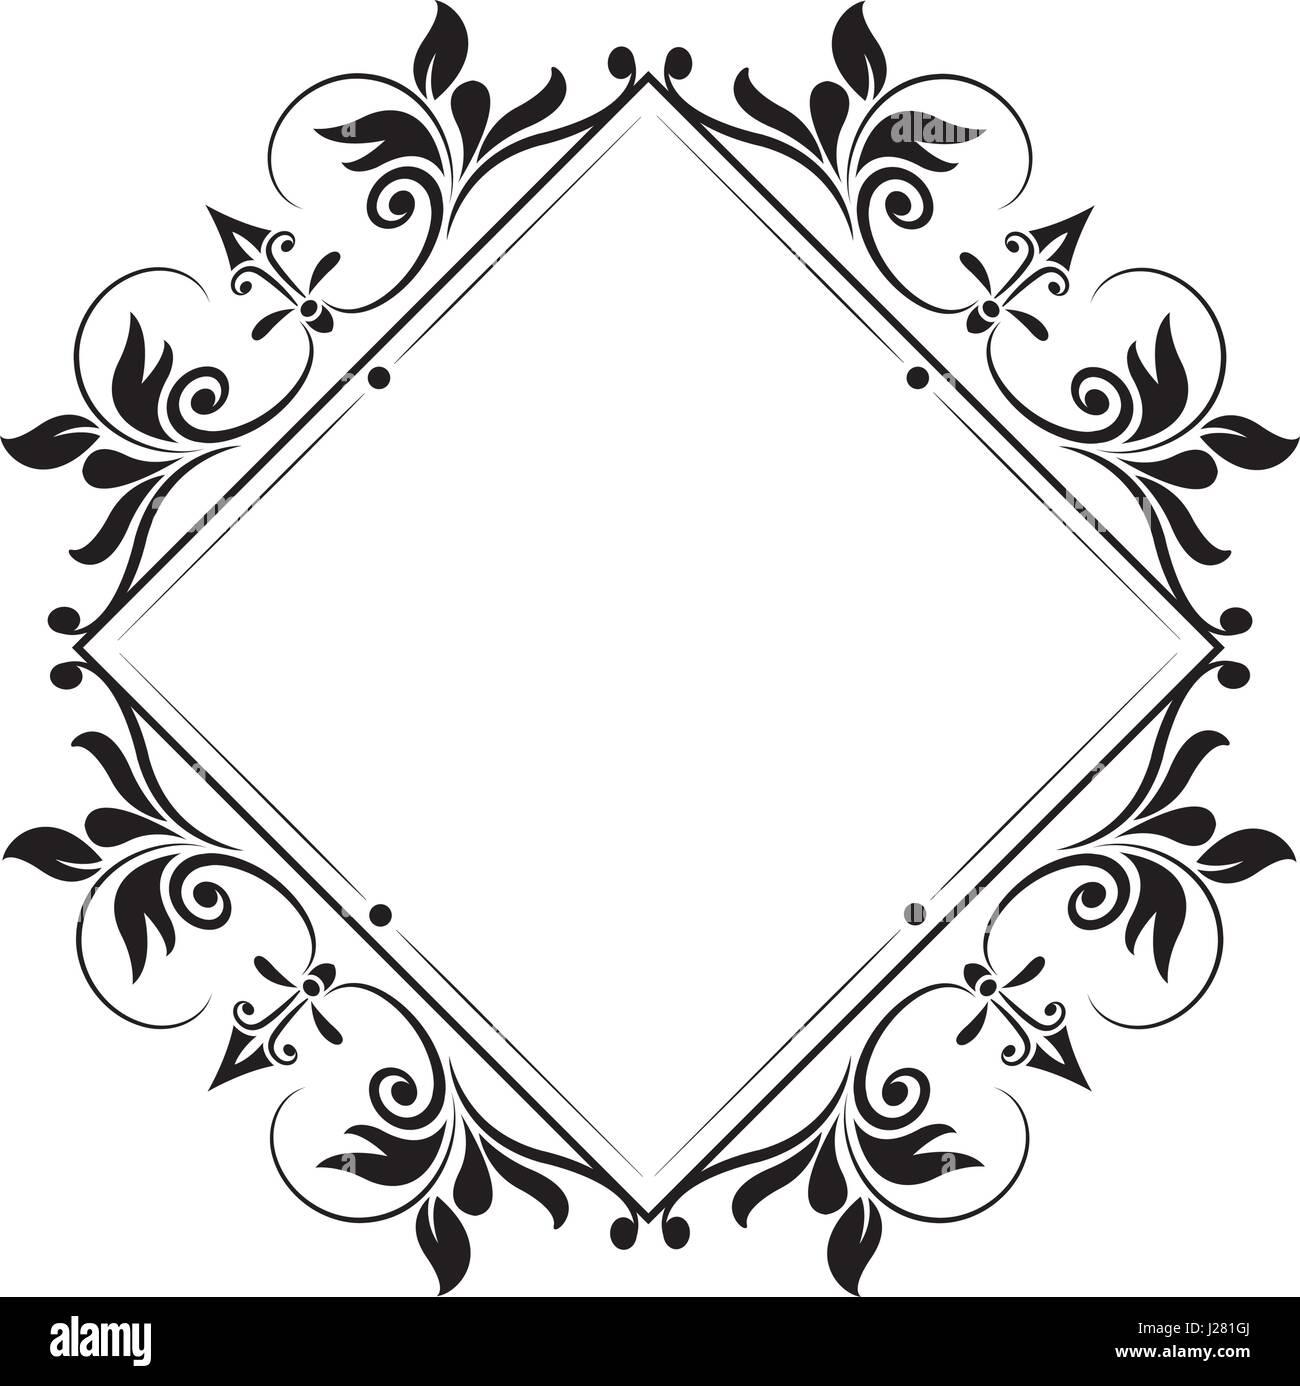 Cornice decorativa vintage fiorire elegante immagine Immagini Stock